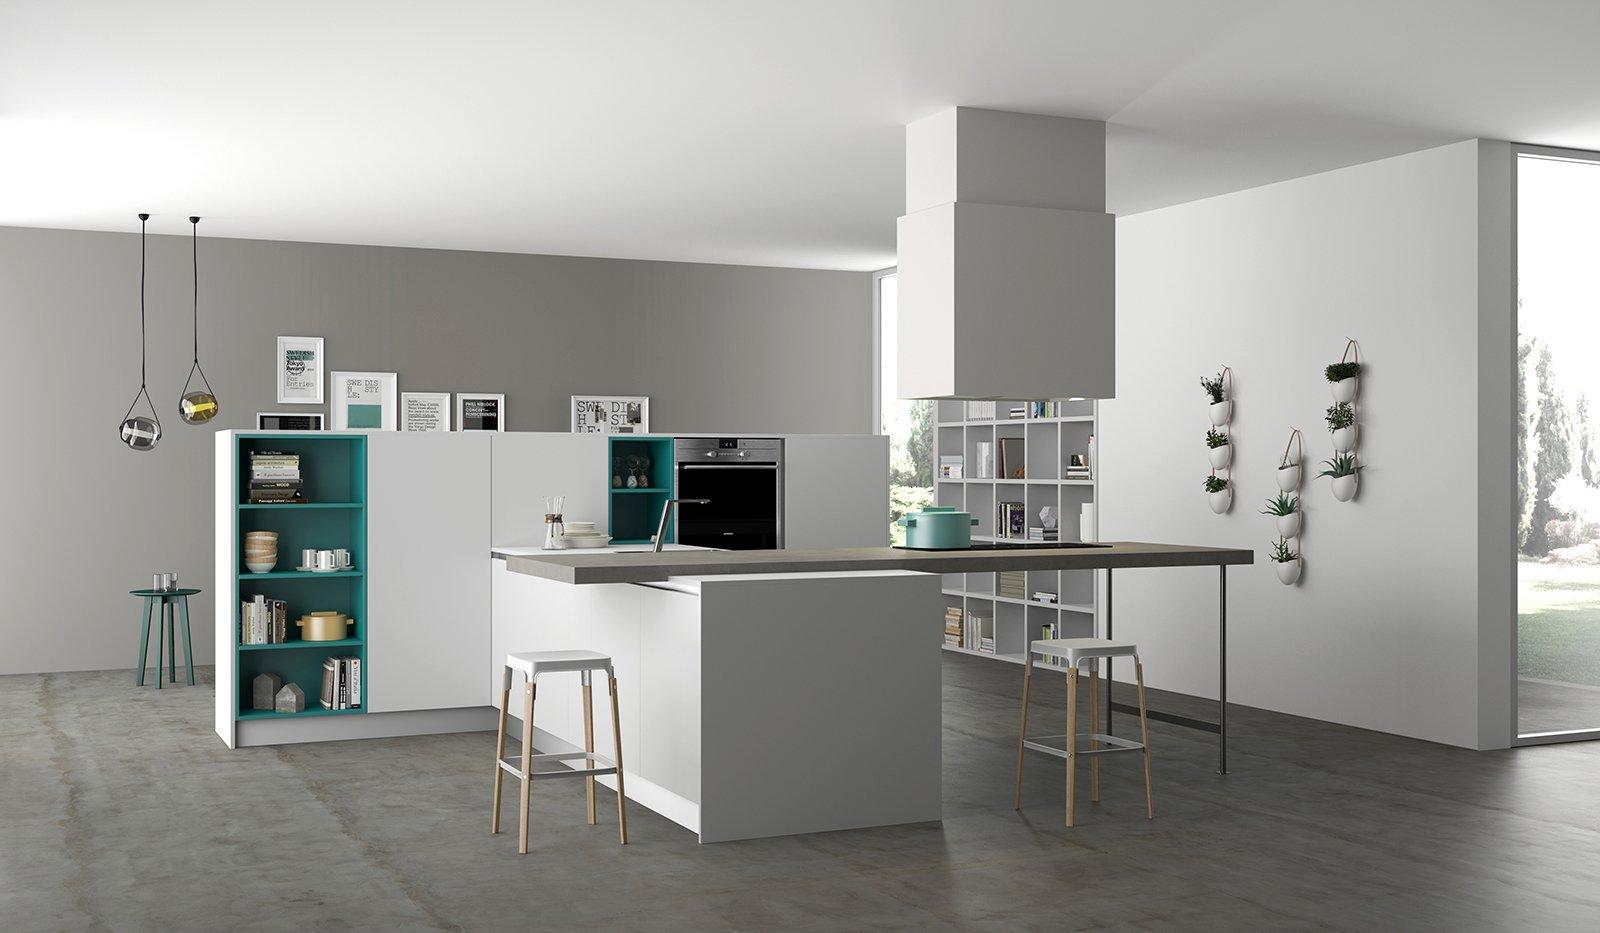 Cucine funzionalit al primo prezzo cose di casa - Cucine salone del mobile 2017 ...